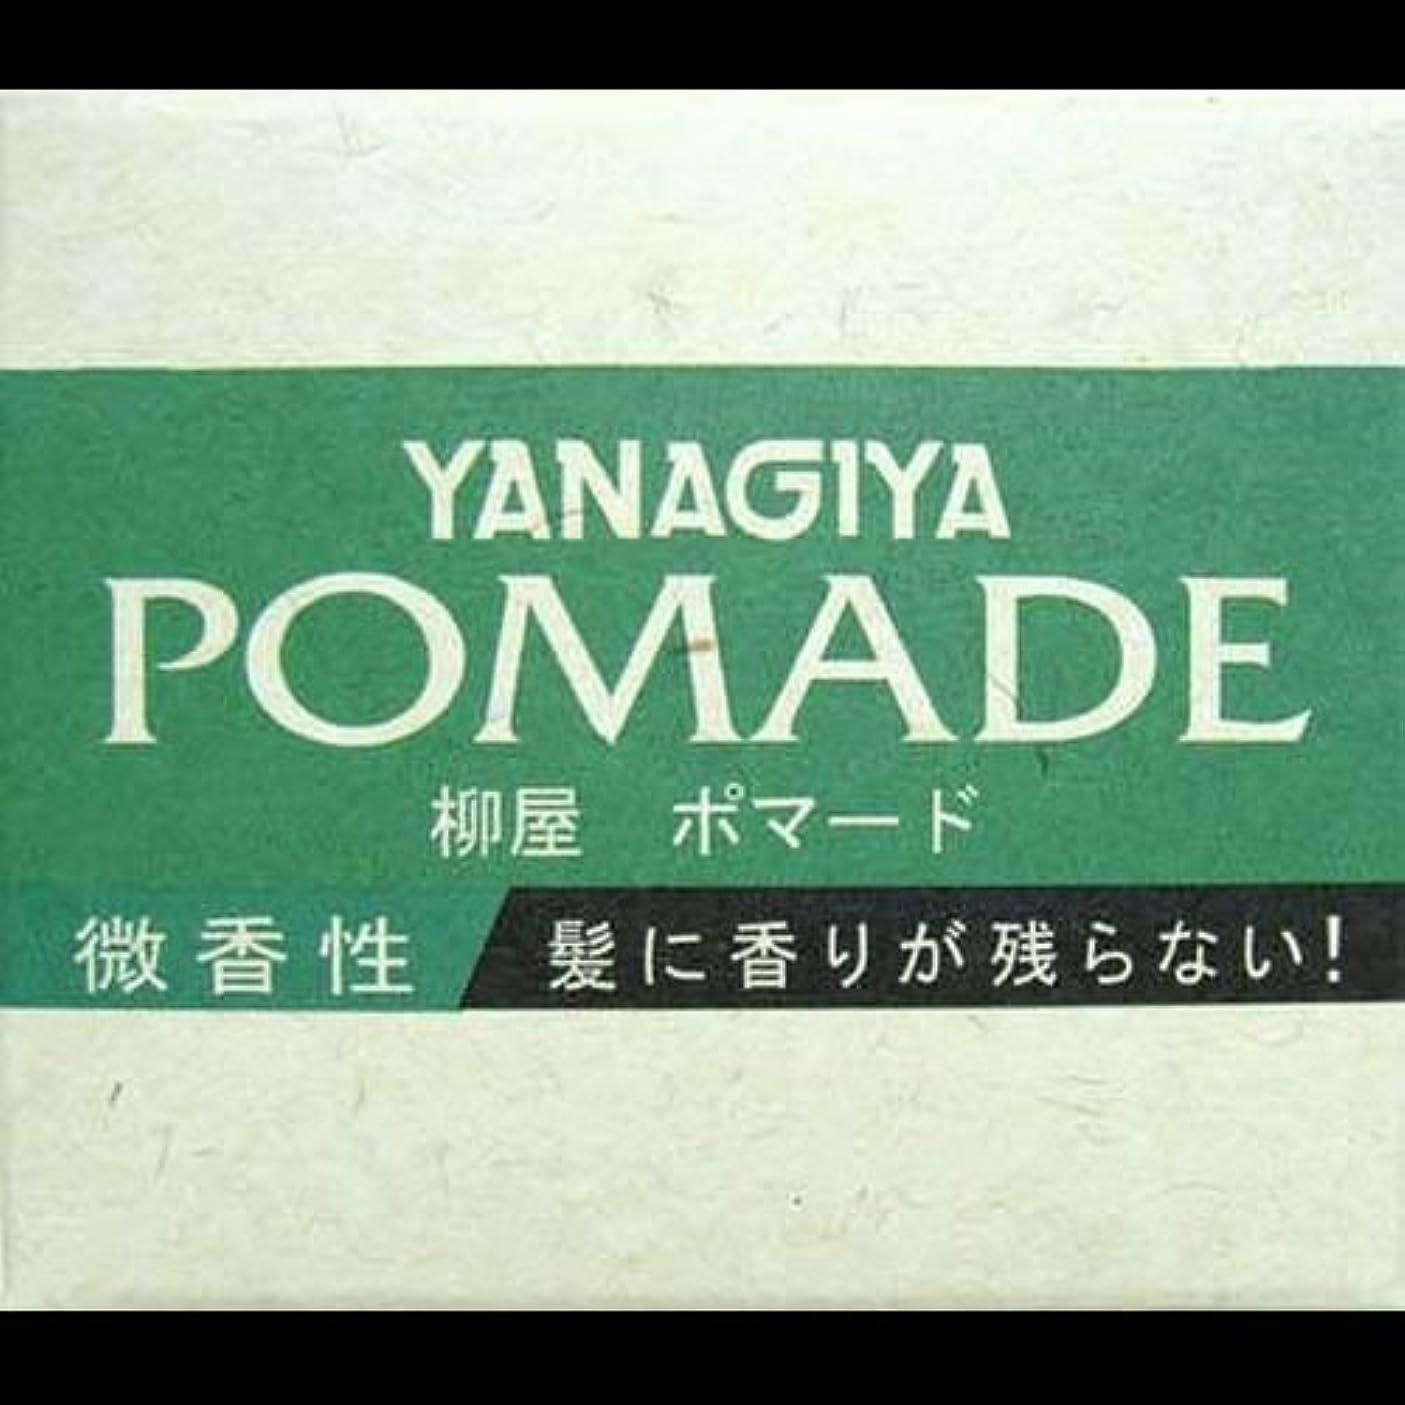 啓発するマート入浴【まとめ買い】柳屋 ポマード微香性120g ×2セット